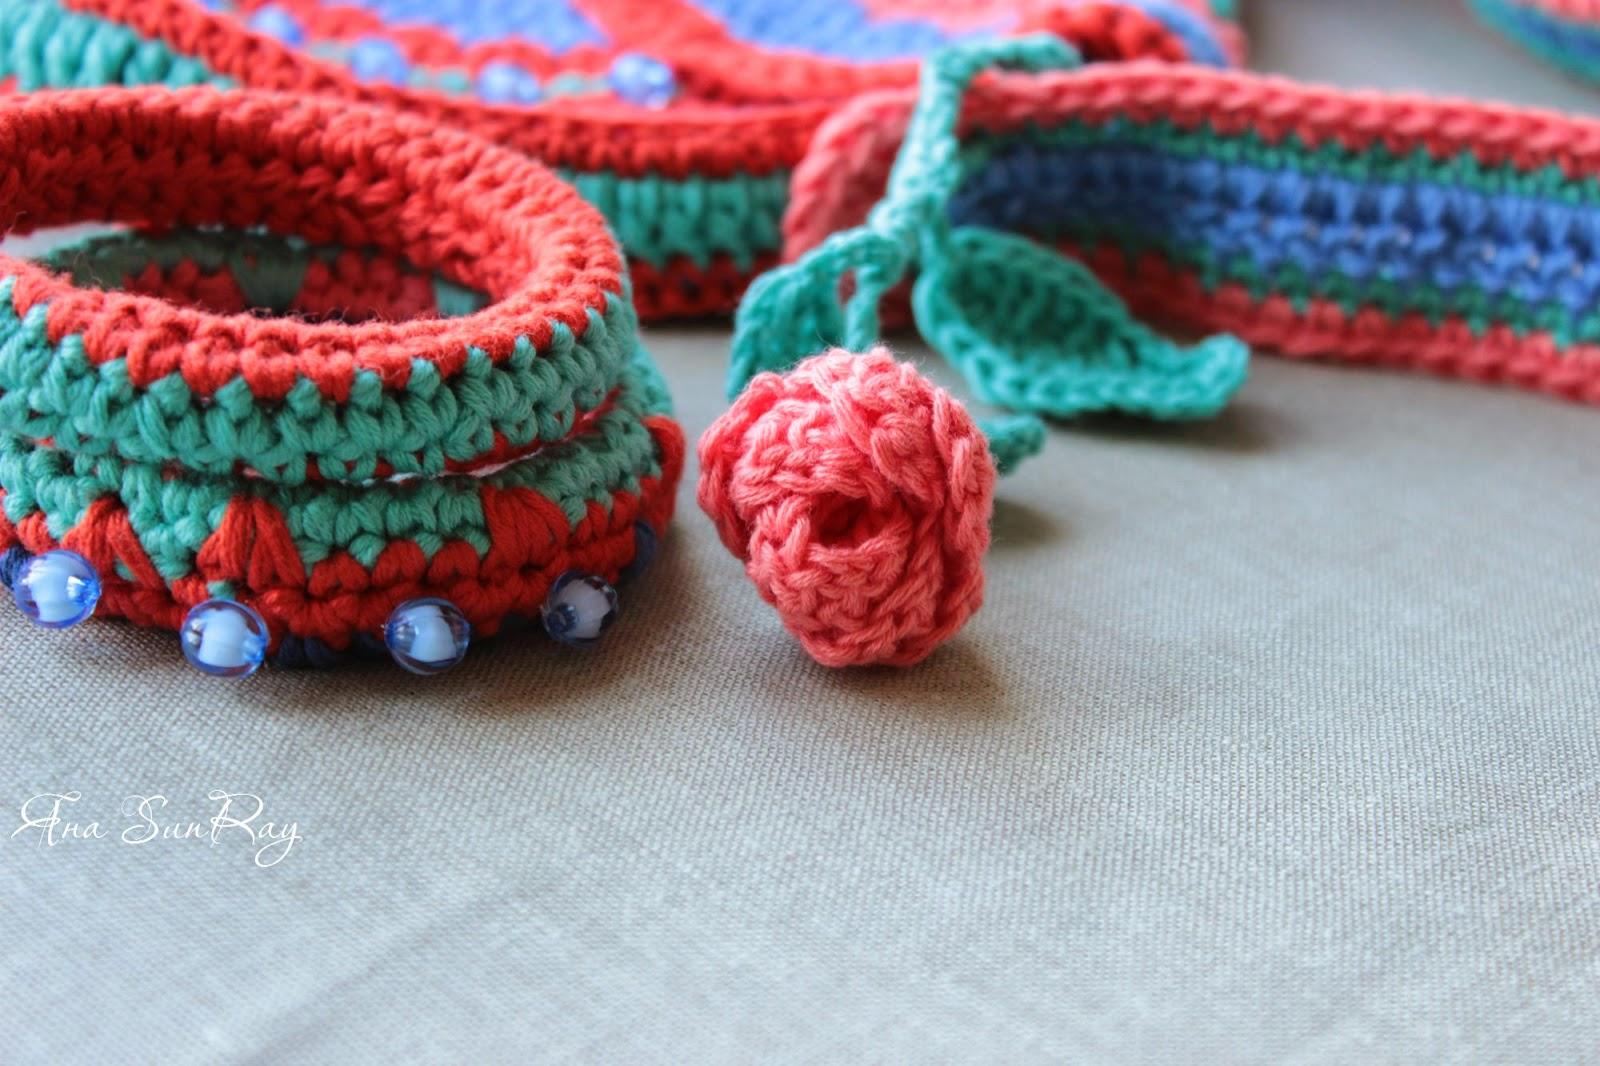 текстильное украшение, бижутерия своими руками, украшение handmade, текстильный  браслет, вязаный  браслет, вязаное украшение, красивый браслет, стиль бохо, браслеты хиппи